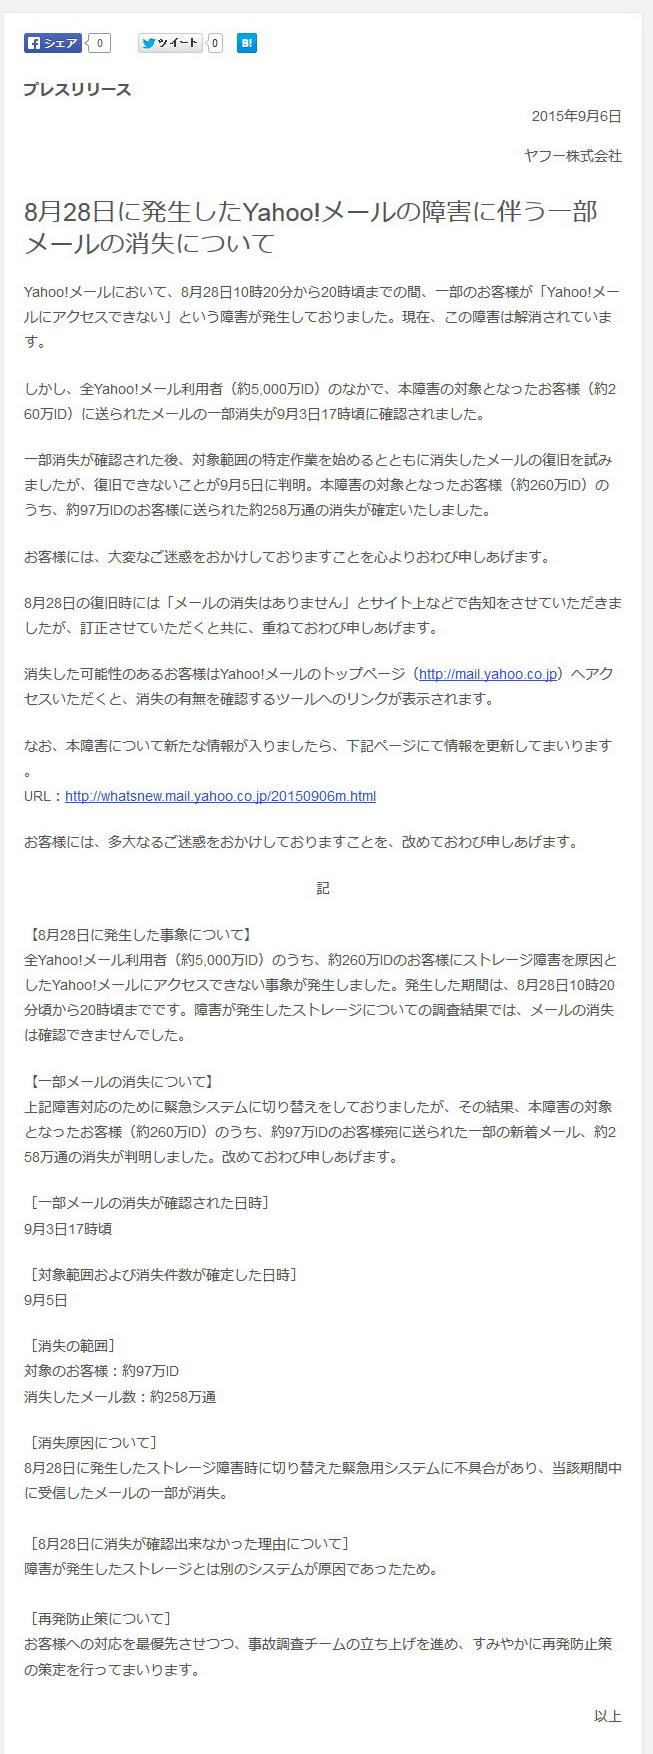 일본 야후, 약 258만통의 메일 소실 사고에 대해 사과..